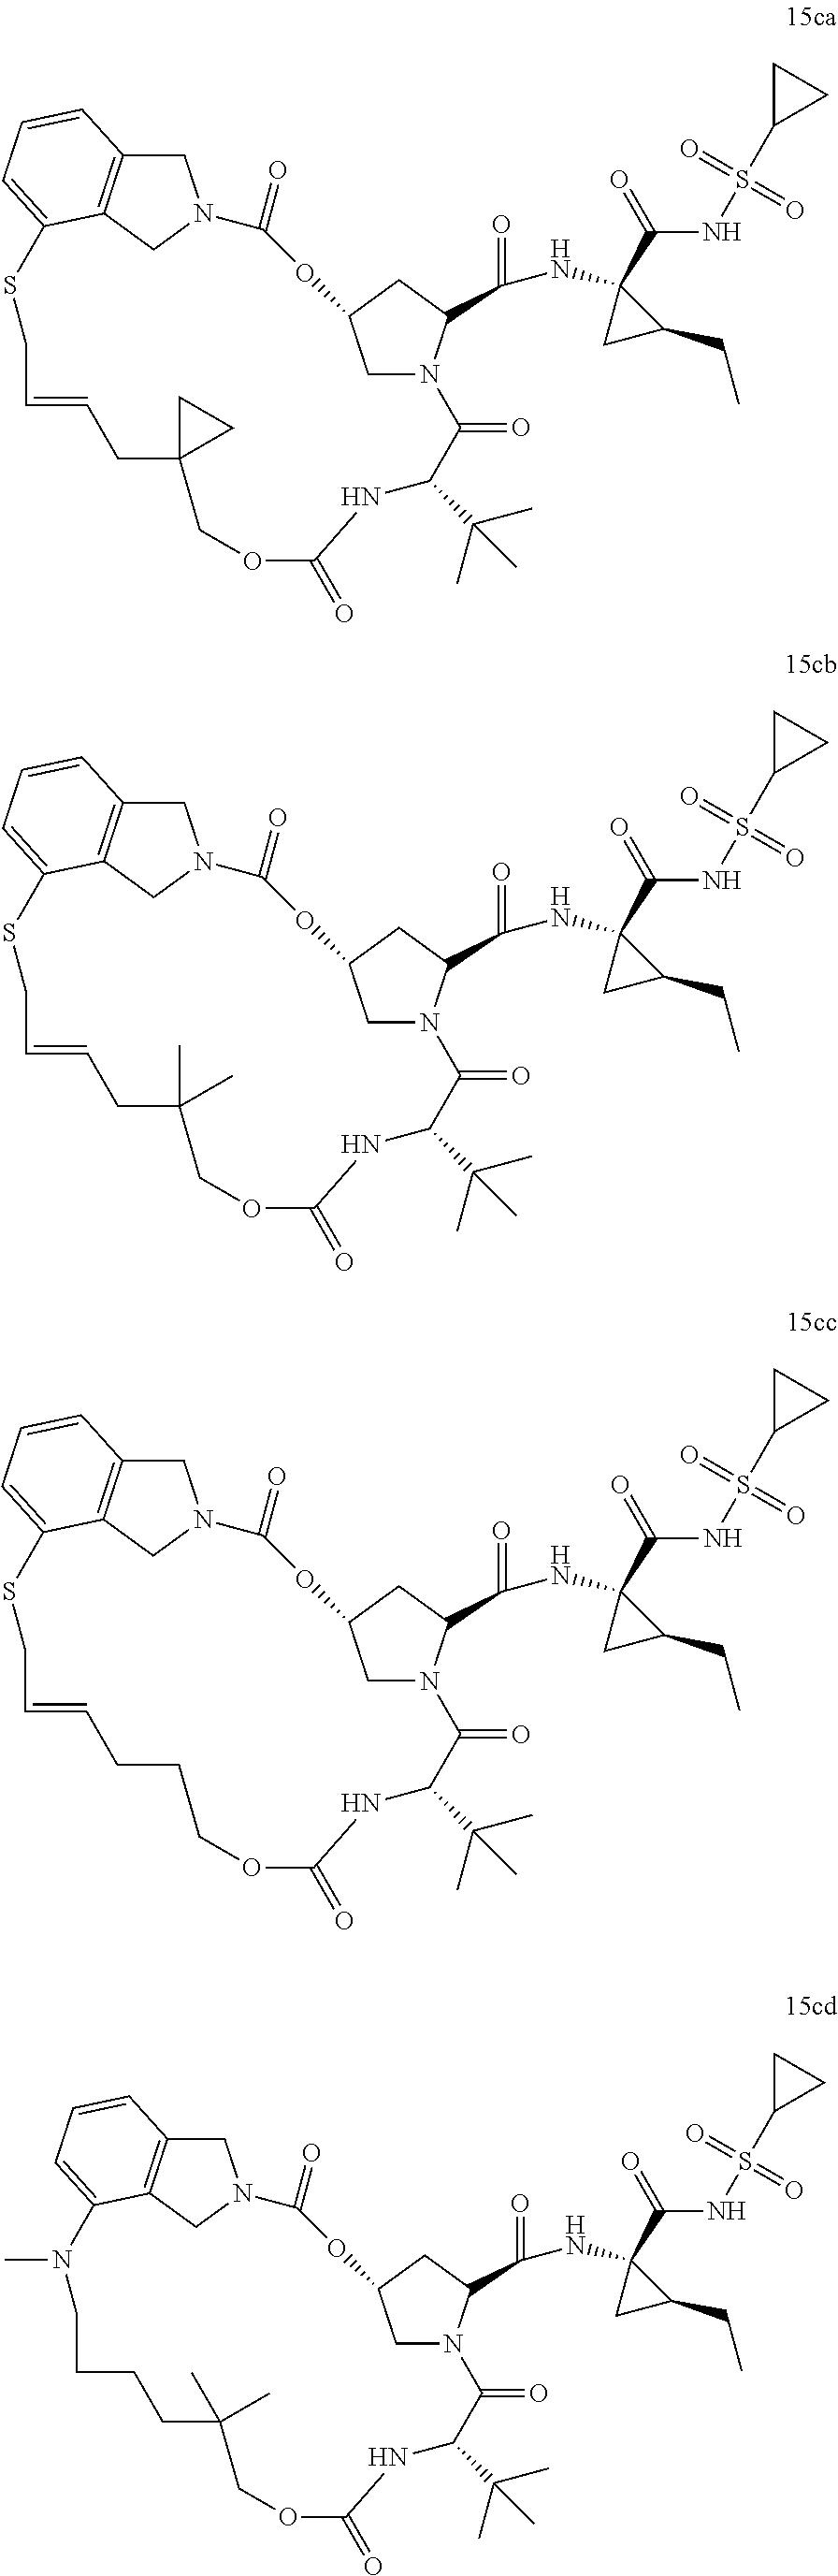 Figure US08962810-20150224-C00188